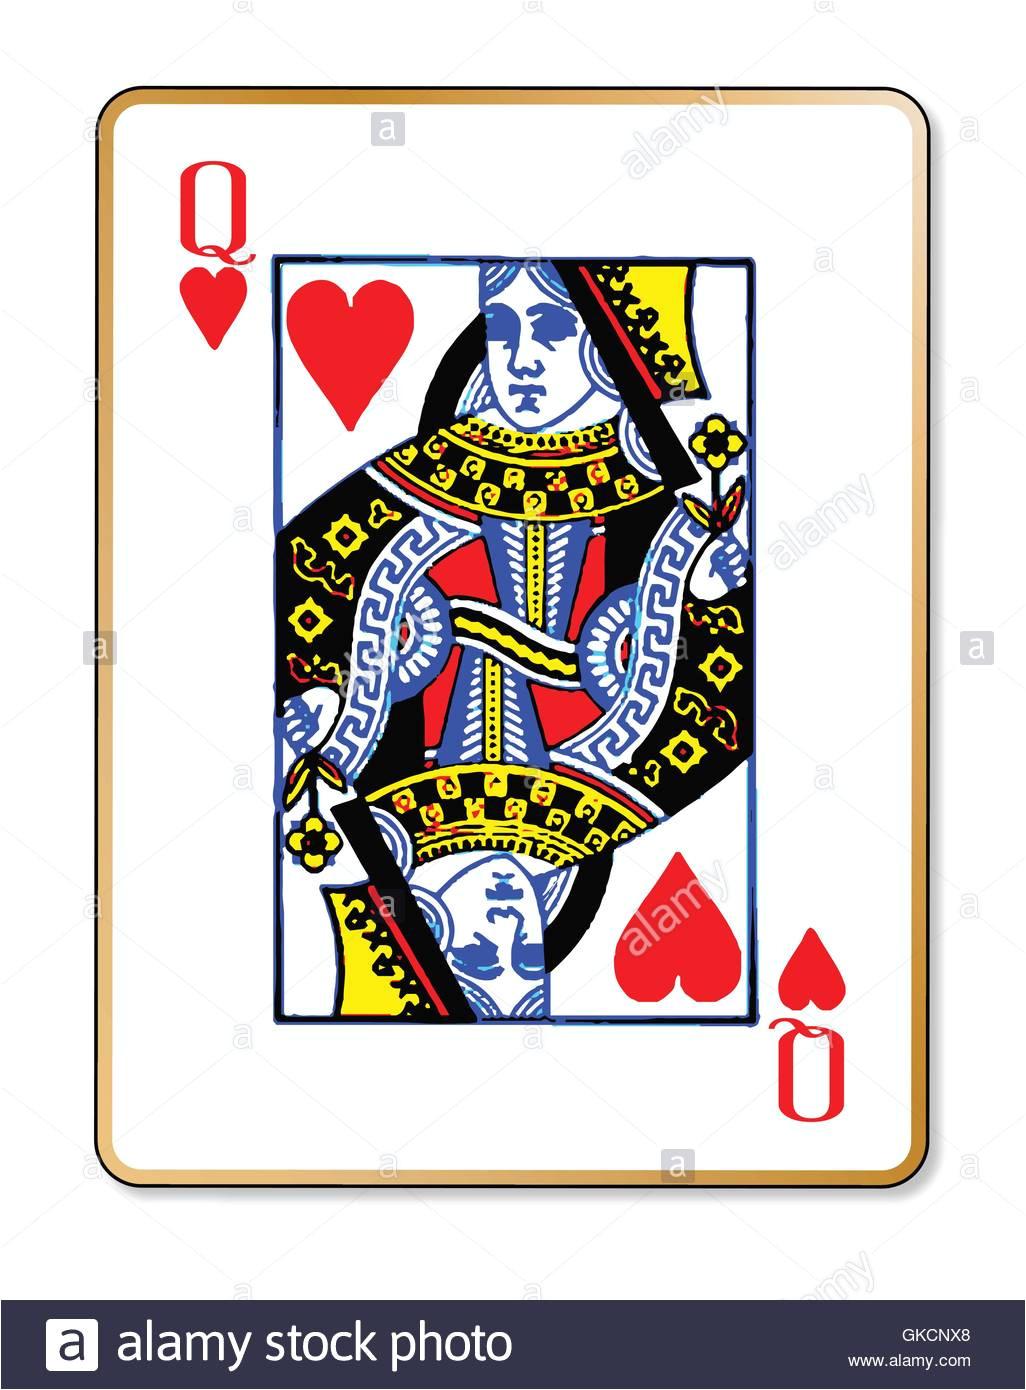 queen hearts gkcnx8 jpg